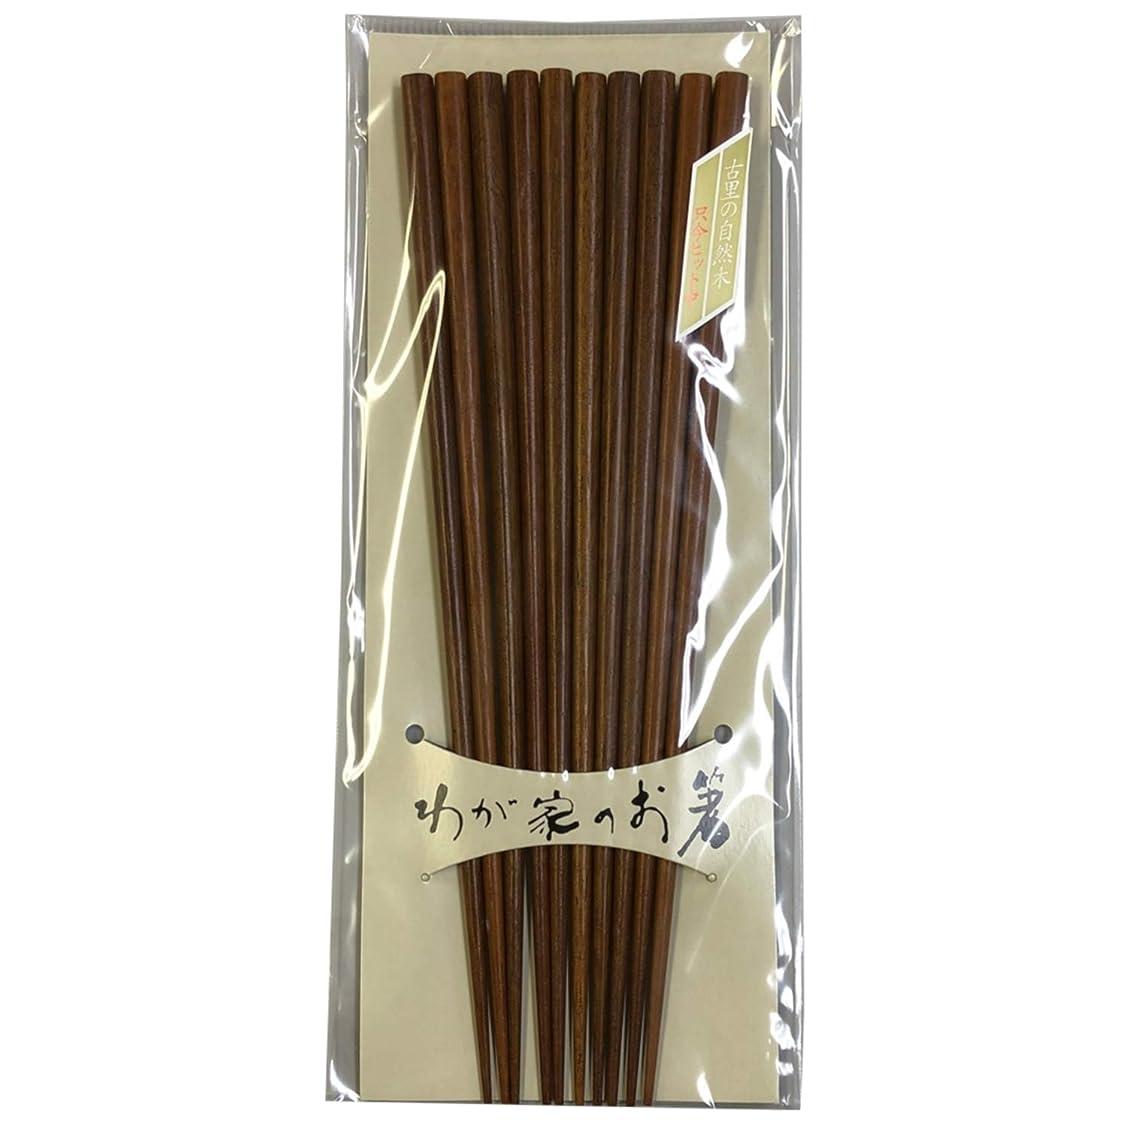 ステートメント痴漢腐食する箸 客用箸 細口 鉄木 5膳入 来客用 22.5cm